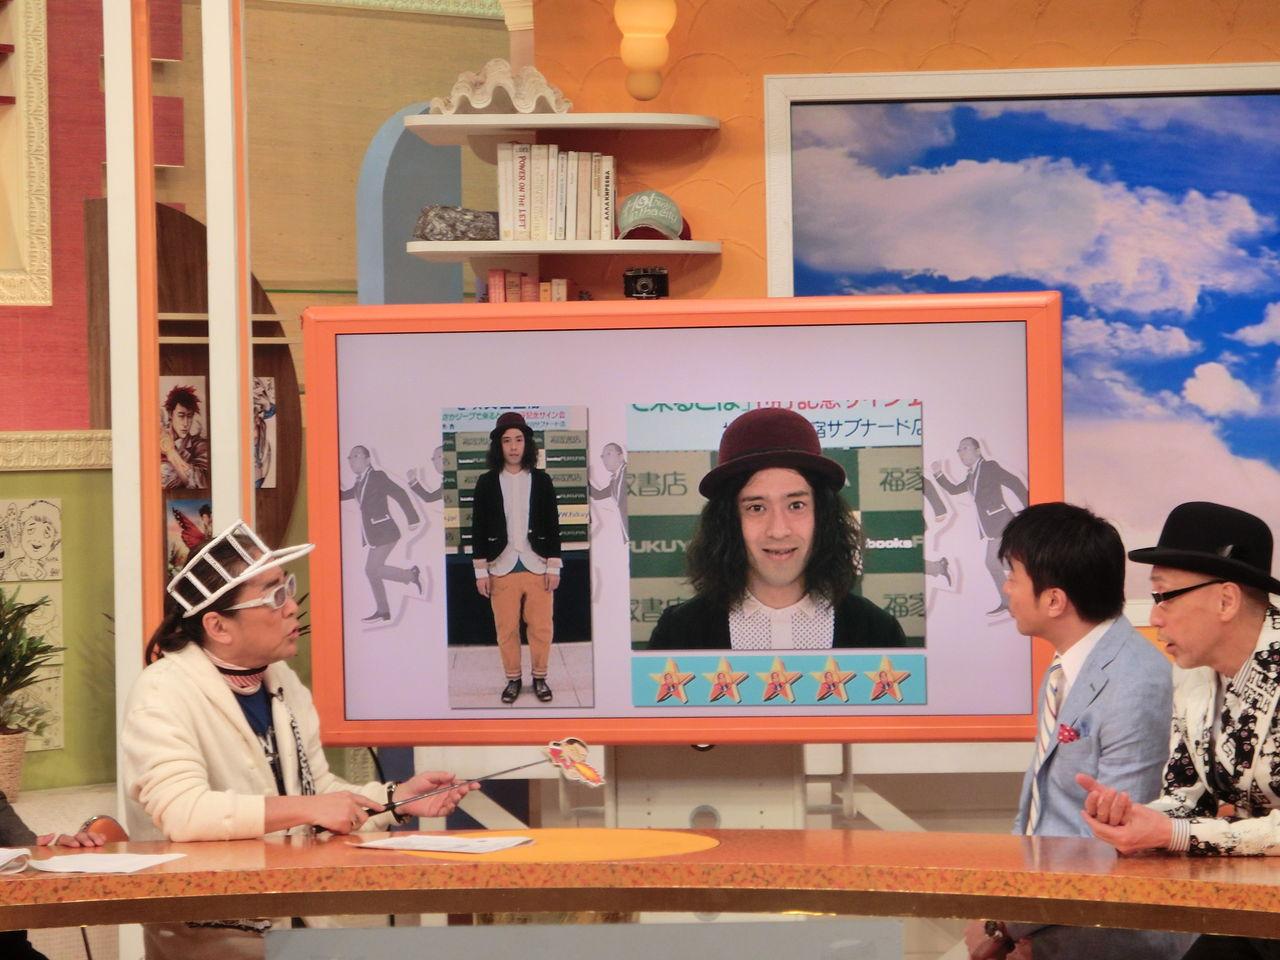 三大頭悪そうな情報番組  ヒルナンデス、ZIP… アカン視聴者層に合わせた結果がコレ